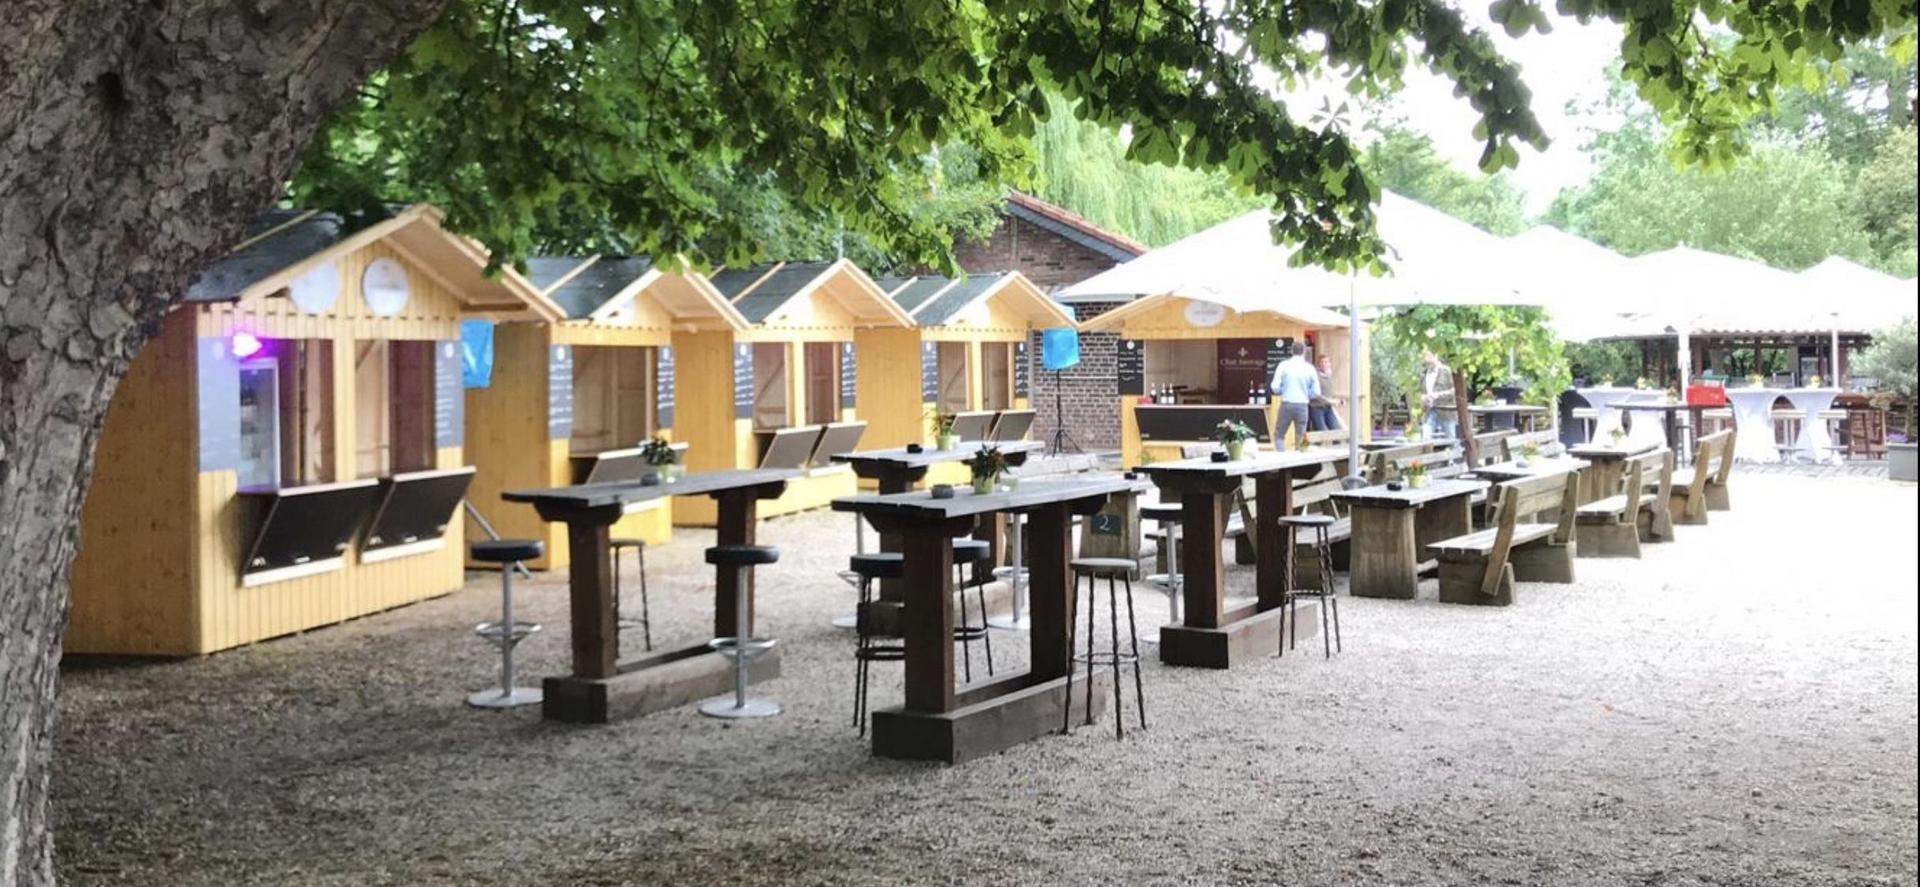 Verkaufsstand mieten & vermieten - Verkaufs-Hütten, Weihnachtsmarkt-Hütten in unterschiedlichen Größen zur Miete in Gelsenkirchen